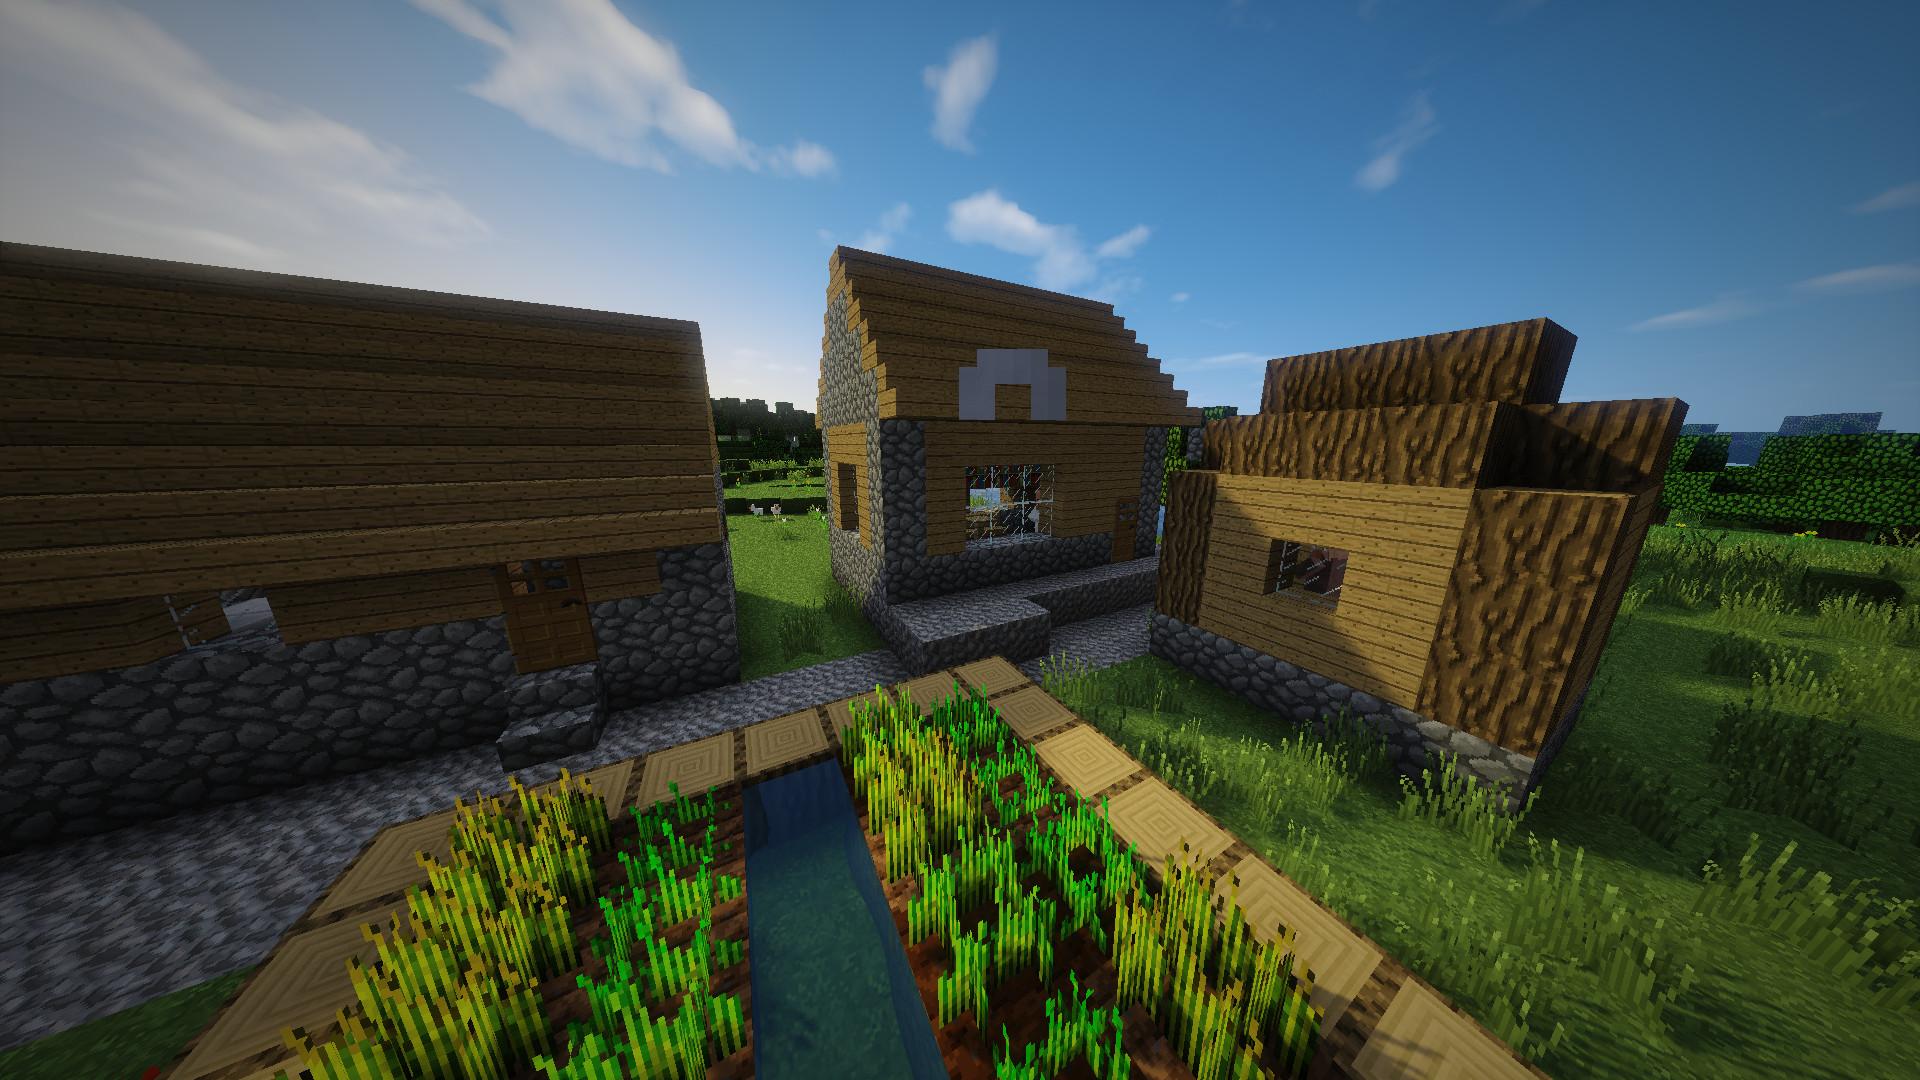 Sfondi Minecraft (76+ Immagini